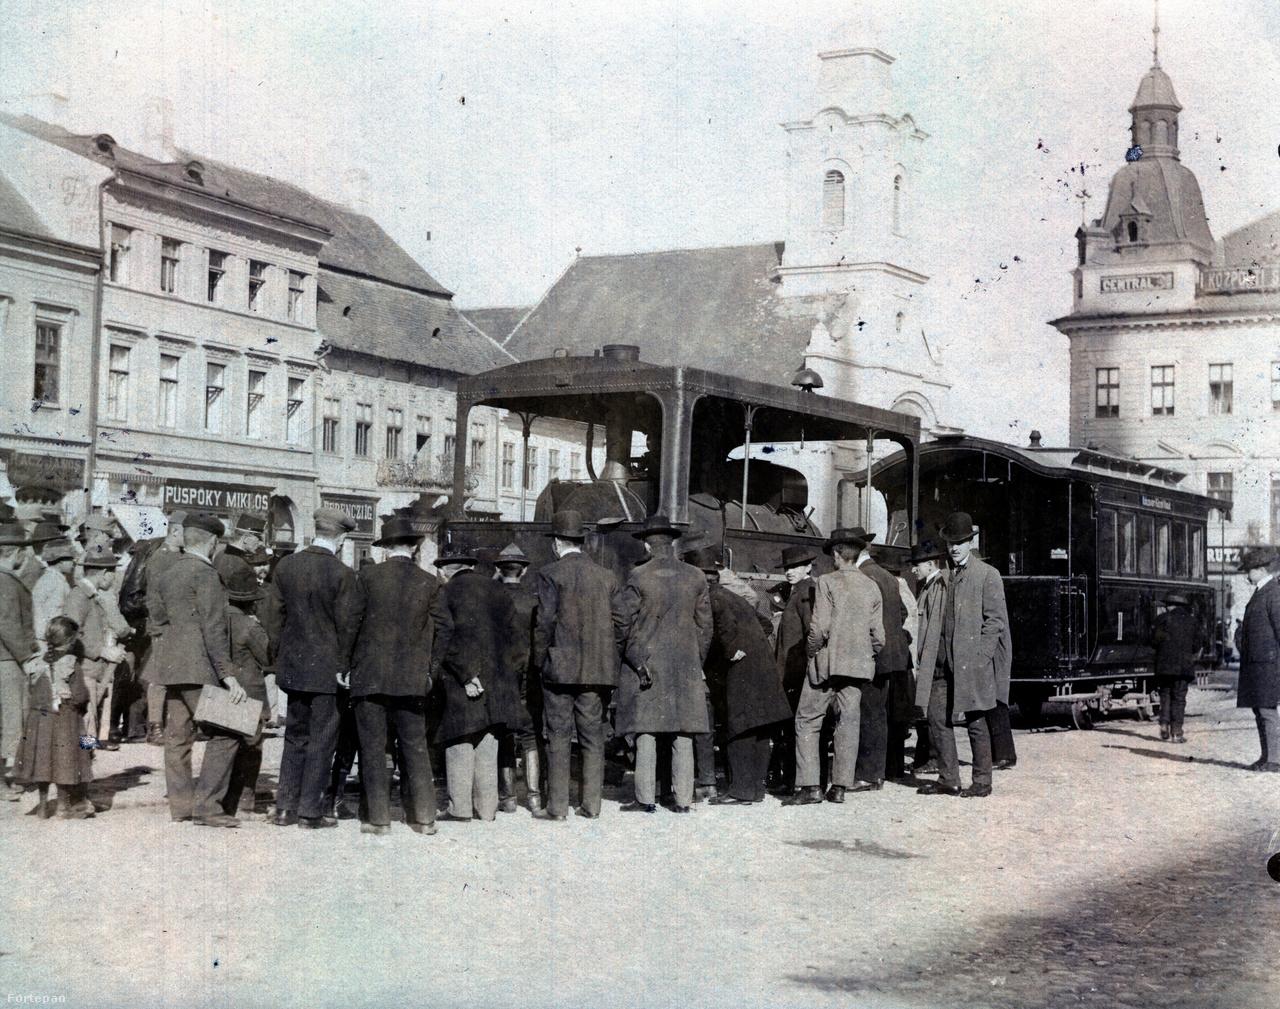 """Ezen a fotón egy kisebb tömeg mutat hátat a fényképezőgépnek. Vajon milyen szenzáció köti le ennyire a figyelmüket? És vajon miért nem ment a fotós még közelebb a látnivalóhoz? Nem tudhatjuk. A mai nézőnek mégis feltárulkozik egy másik egzotikum: a gőzhajtással működő kisvasút, amely 1893-tól az állomást kötötte össze a Monostorral és Kolozsvár külvárosával, a Hóstáttal. Az """"ájvájnak"""" csúfolt városi vasút számos balesetet okozott, és úgy gondolták, hogy rontja a központ arculatát is, mert a sínek és a megállók állomási hangulatot keltettek a belvárosban. 1902-ben felszámolták, utolsó kolozsvári útján a Mátyás szoborcsoport darabjait szállította az állomásról a főtérre. A szerelvényeket később Debrecenbe vitték, hogy ott fuvarozza a városi sétálókat."""